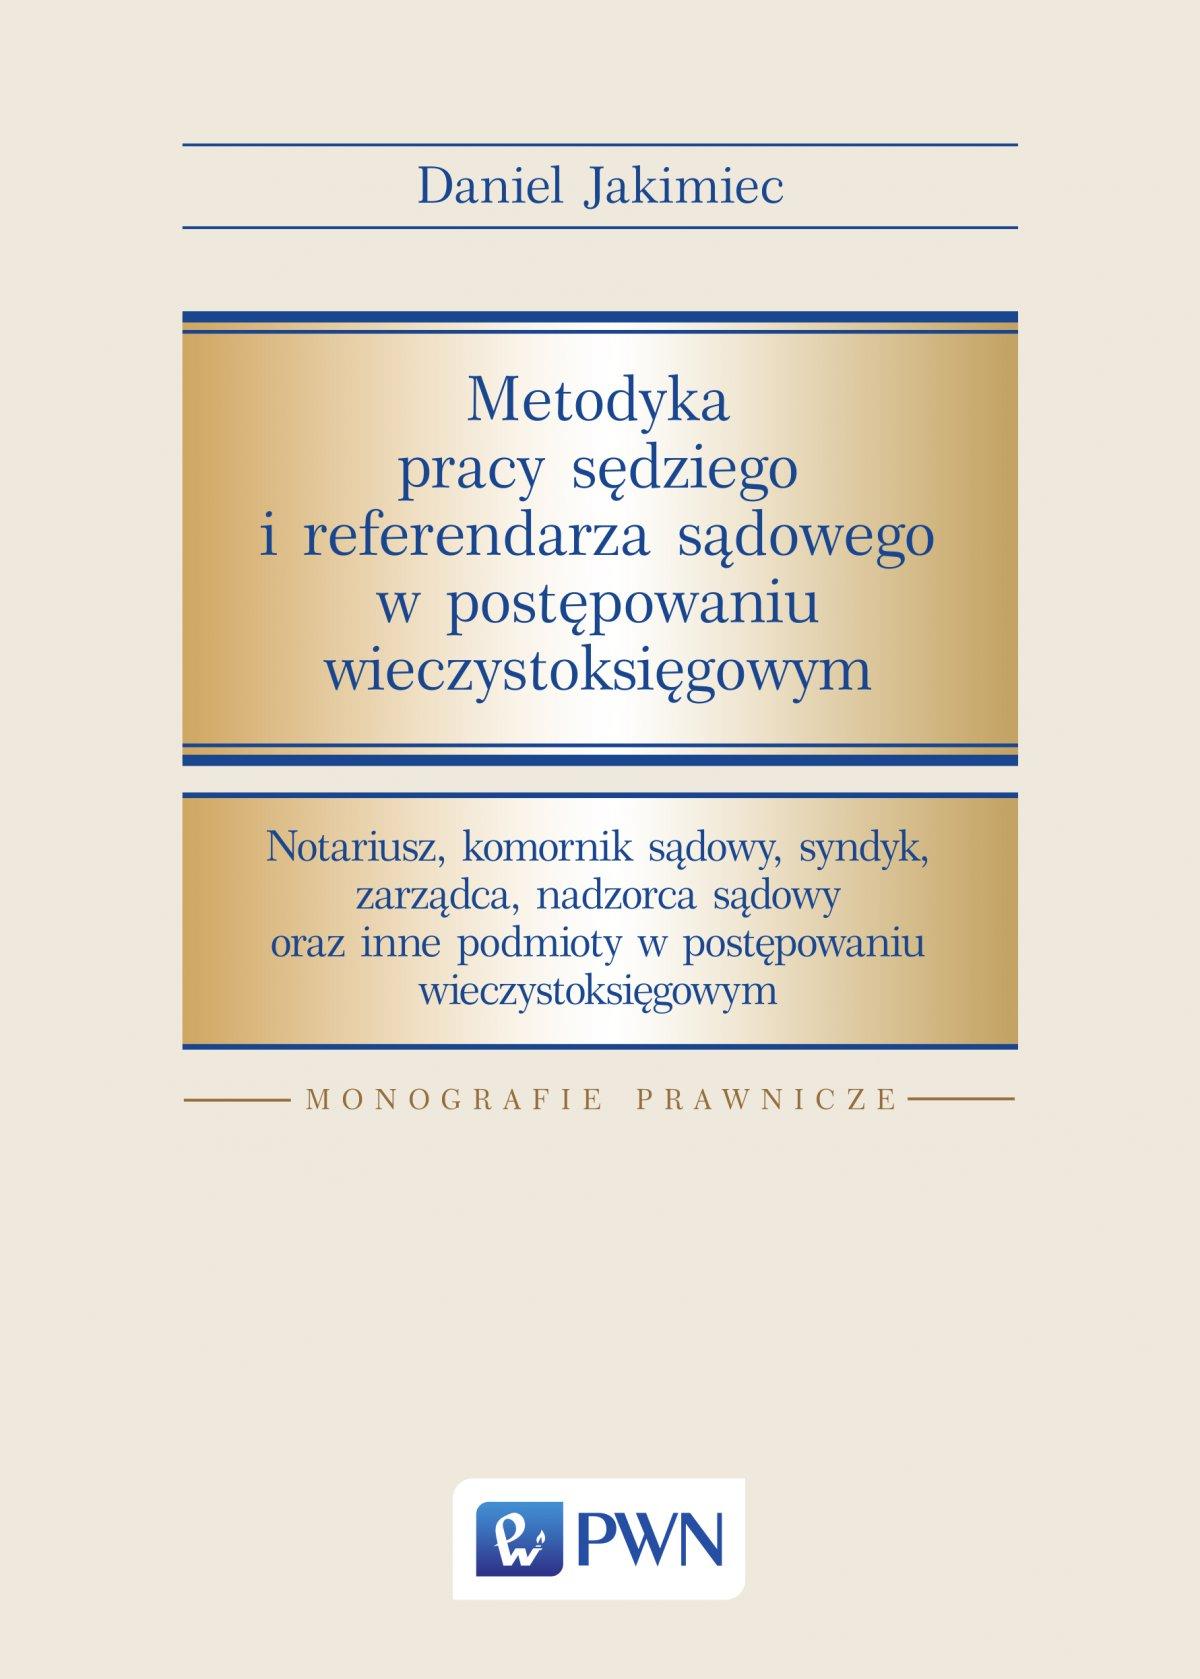 Metodyka pracy sędziego i referendarza sądowego w postępowaniu wieczystoksięgowym - Ebook (Książka na Kindle) do pobrania w formacie MOBI